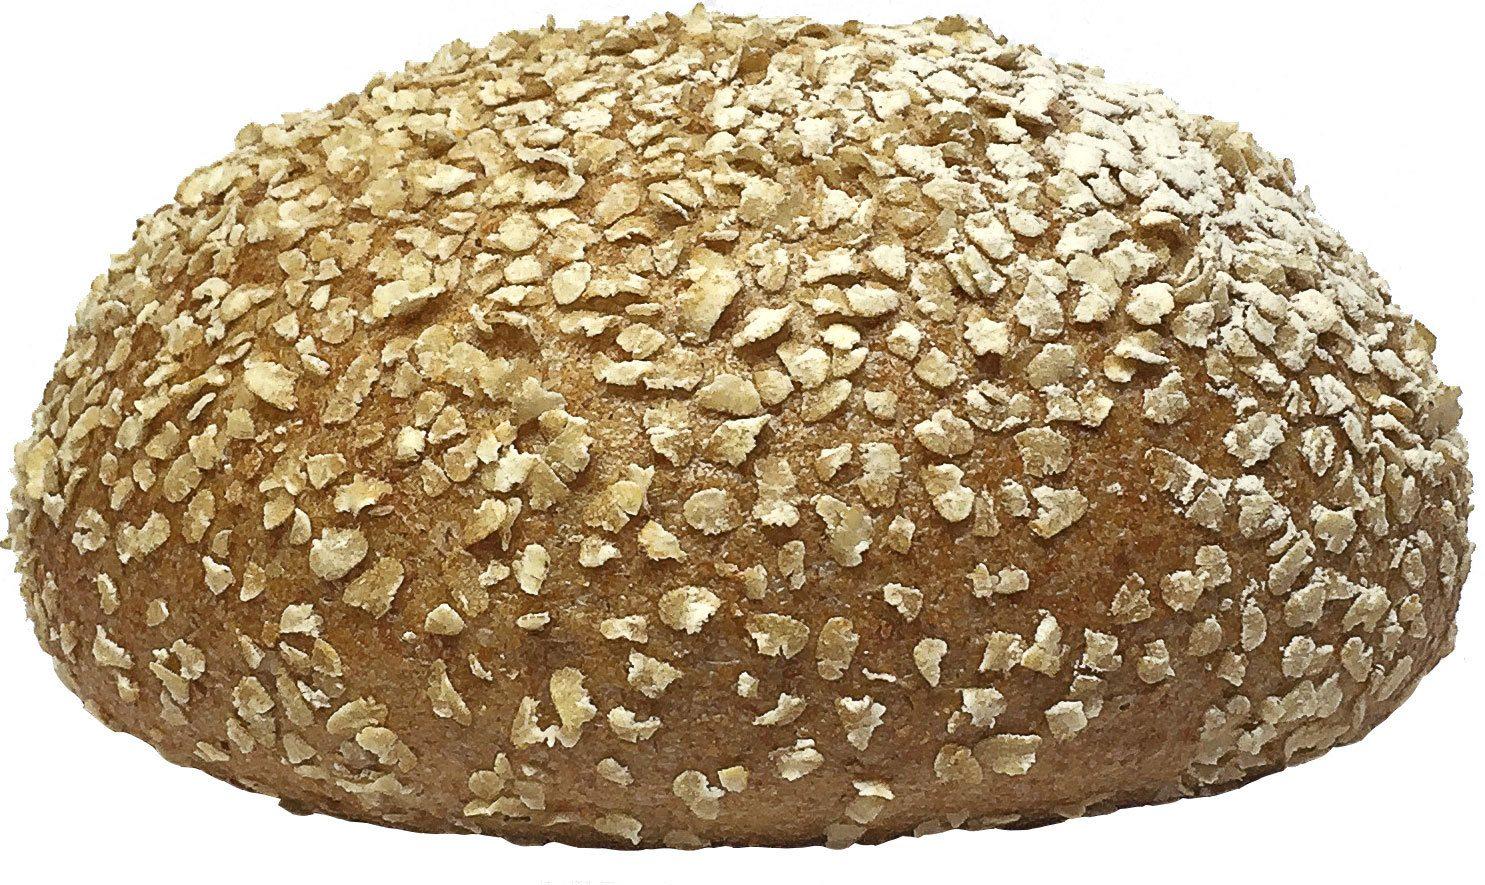 Biologische Dag en Dauw Bourgondisch bruin naturel rijstevlok desem 600 gr